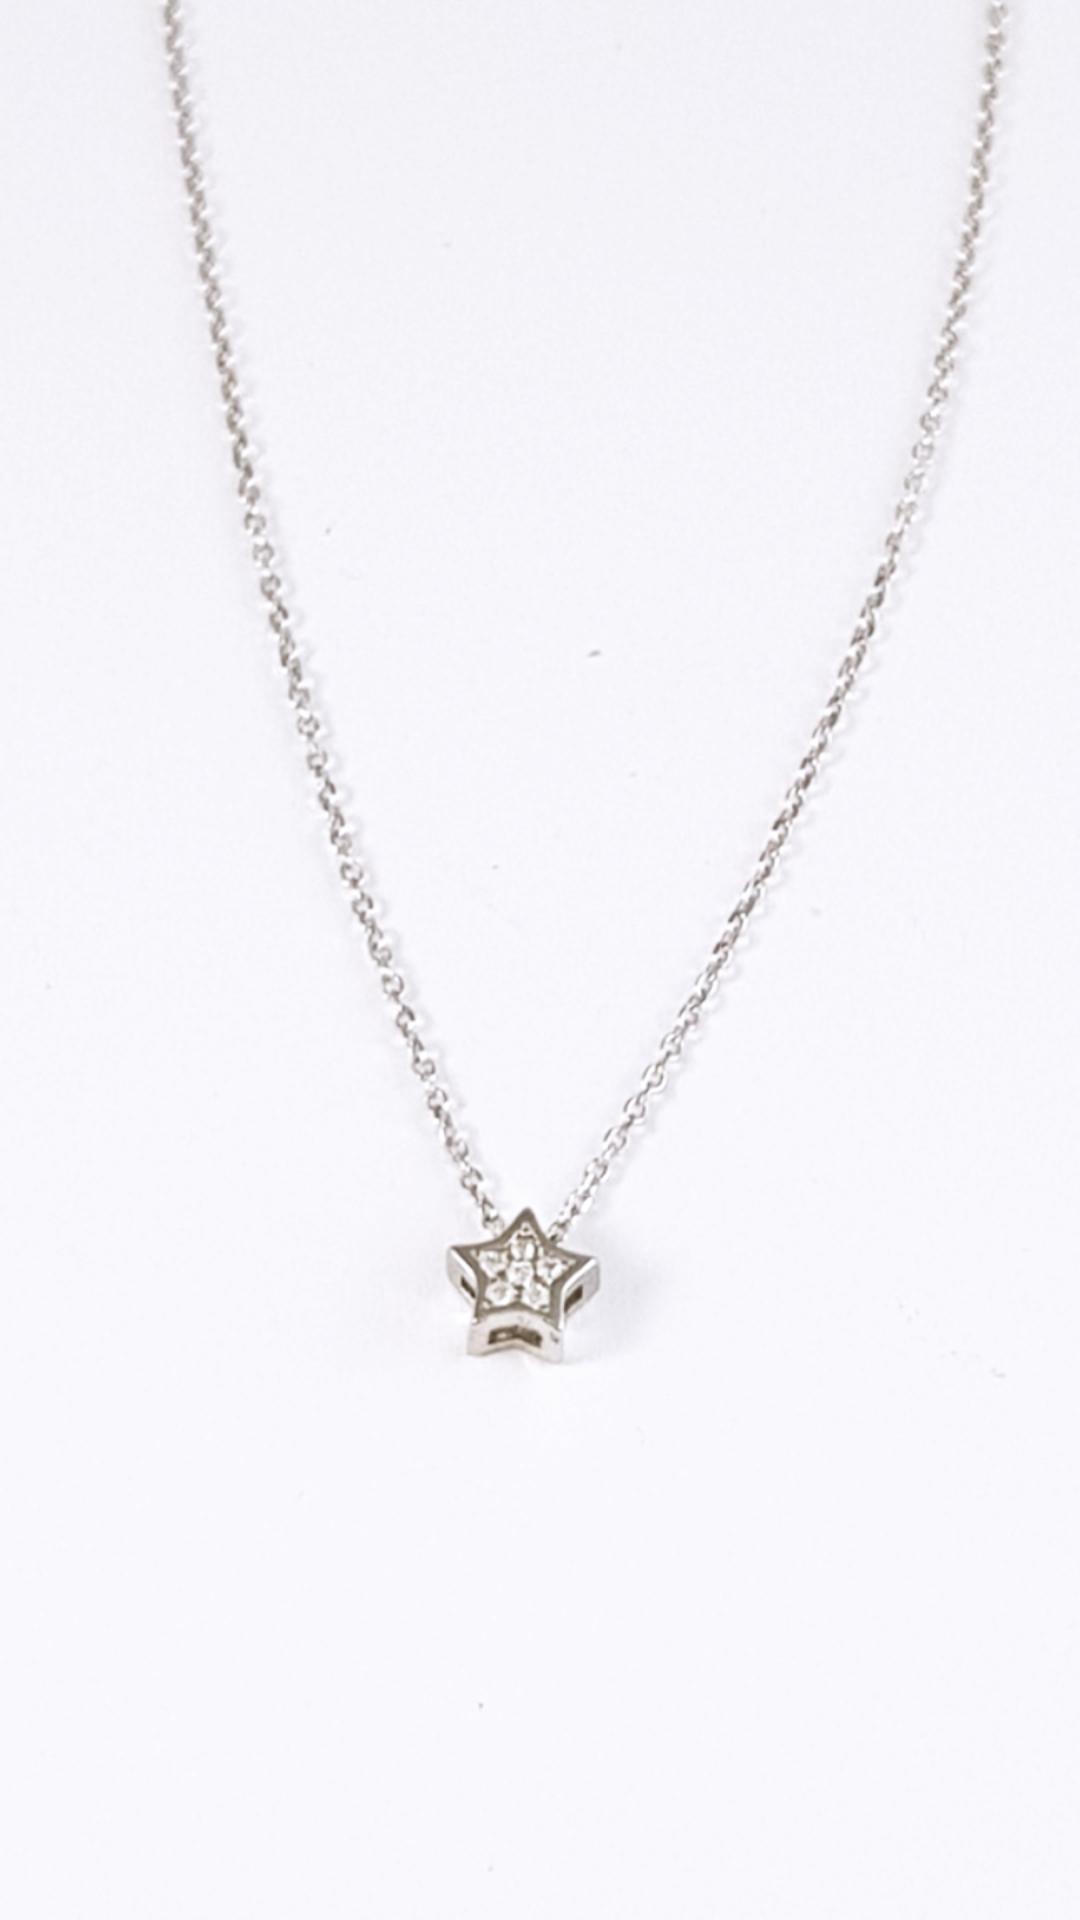 09df21e22045 Cadena plata con colgante estrella mini - Joyería Amores. Tienda ...